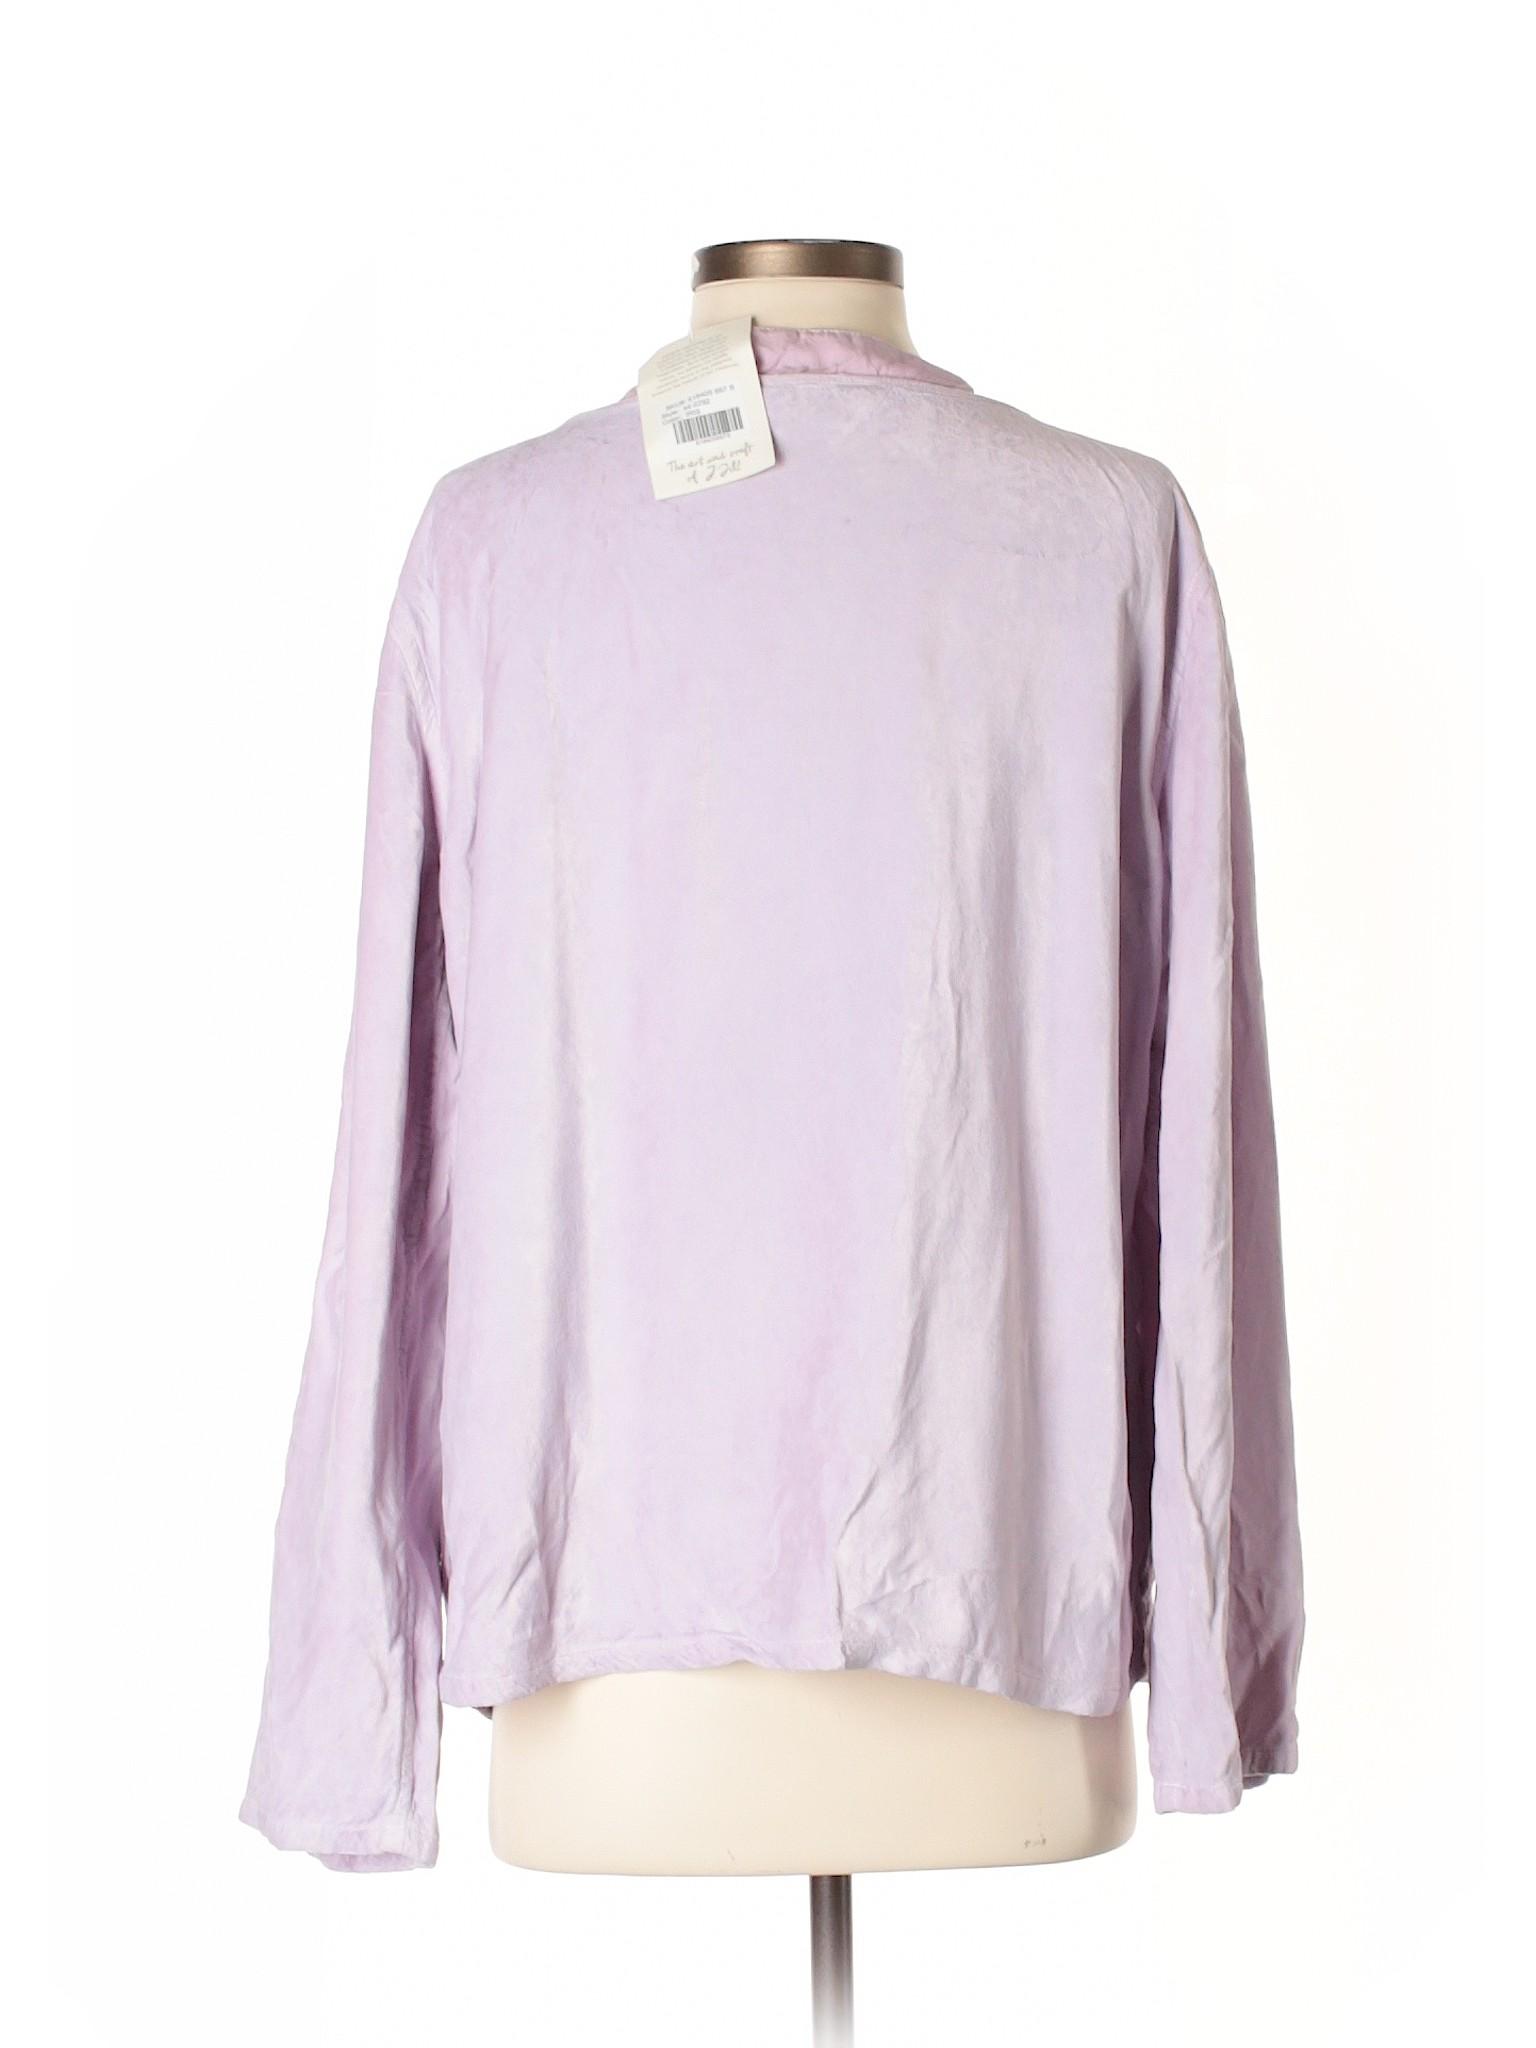 Boutique Sweater jill Winter J Pullover rRxwqPr48